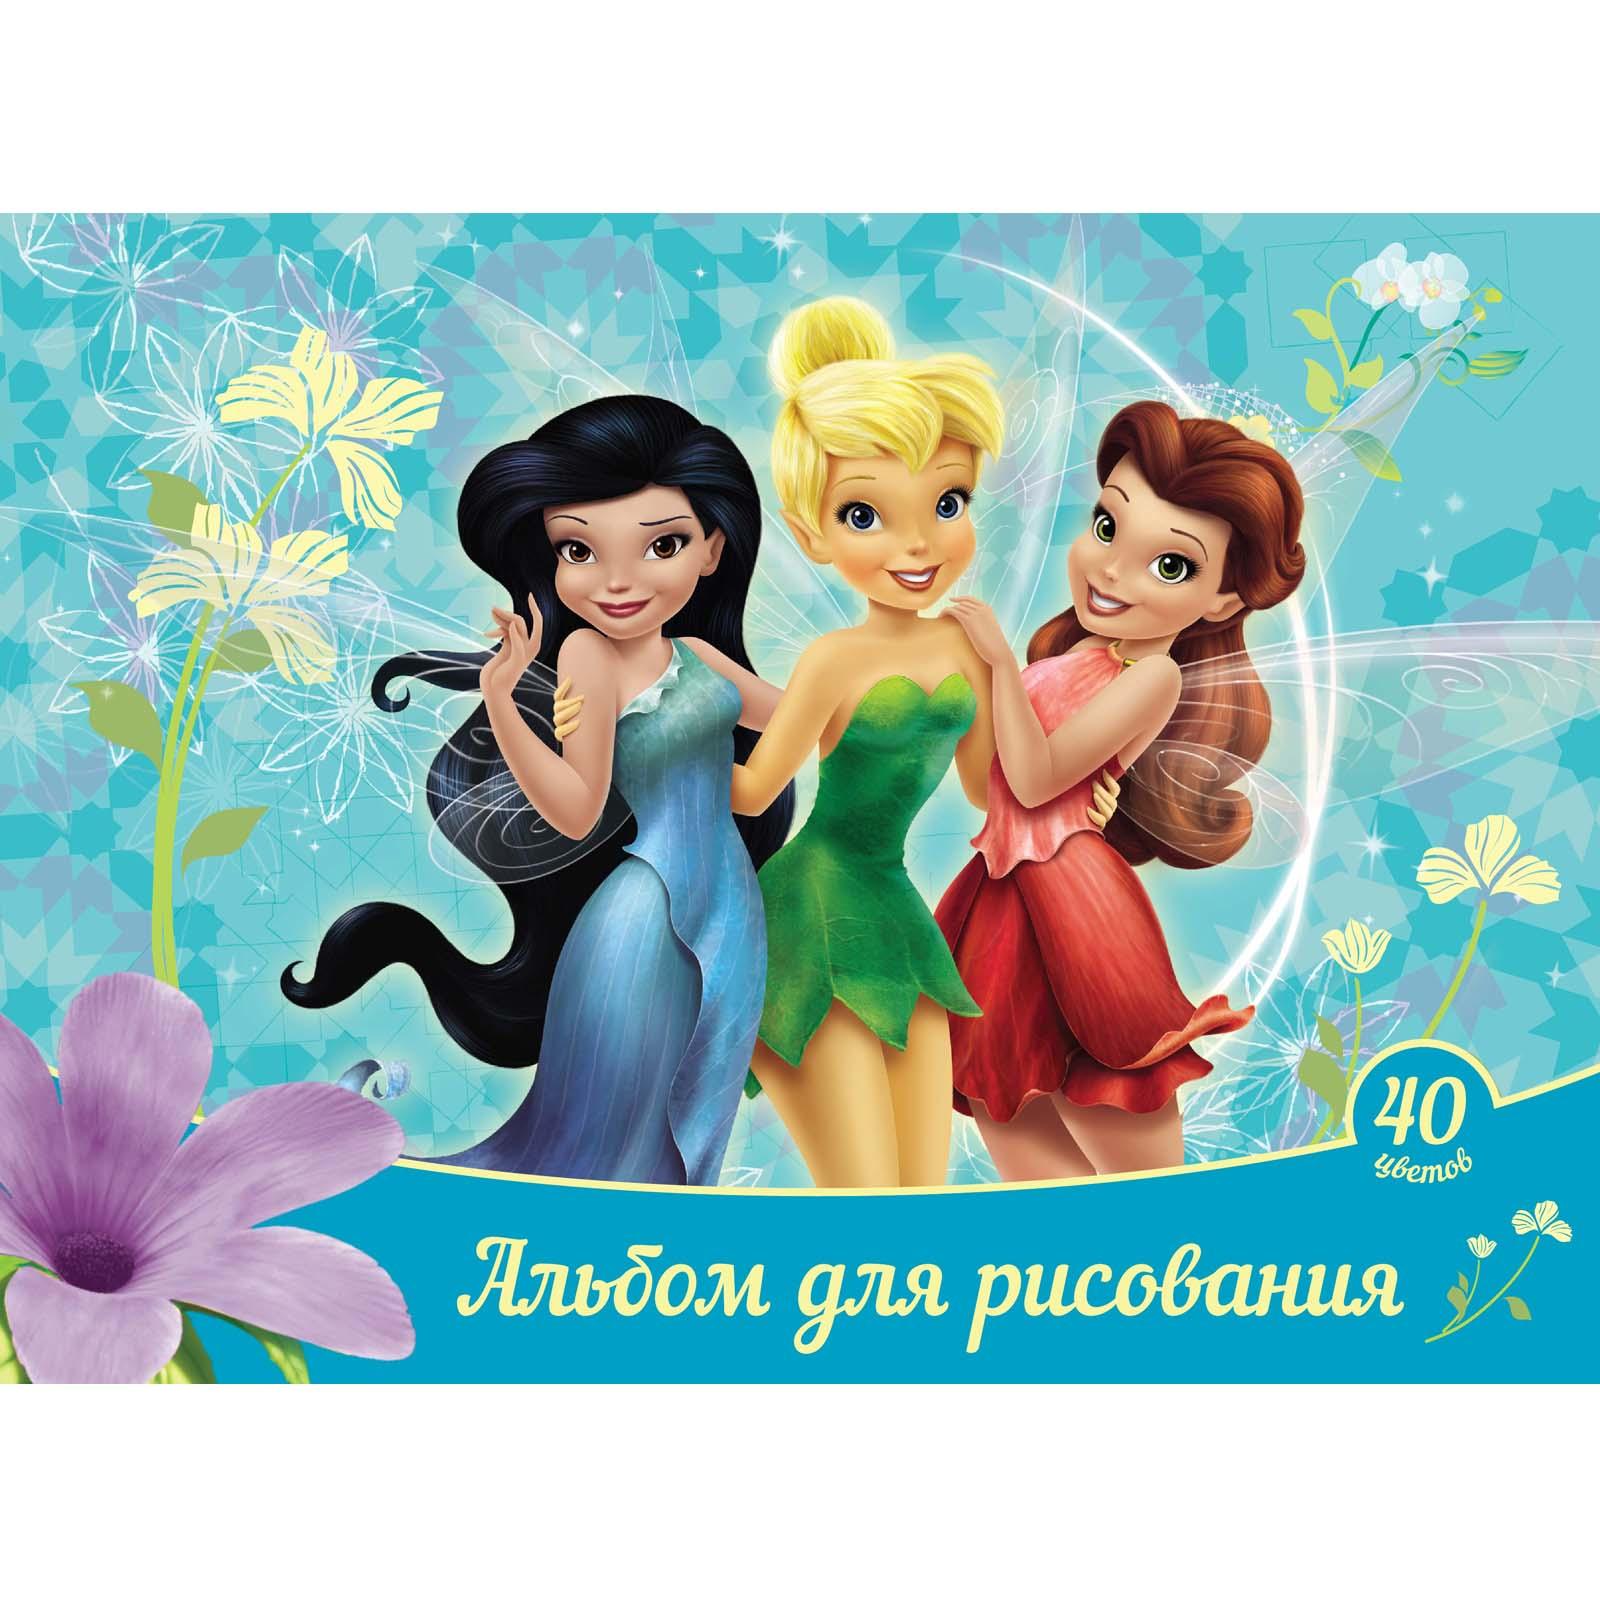 Альбом для рисования Disney Феи 40 листовАльбомы для рисования<br>Альбом для рисования Disney Феи 40 листов<br>